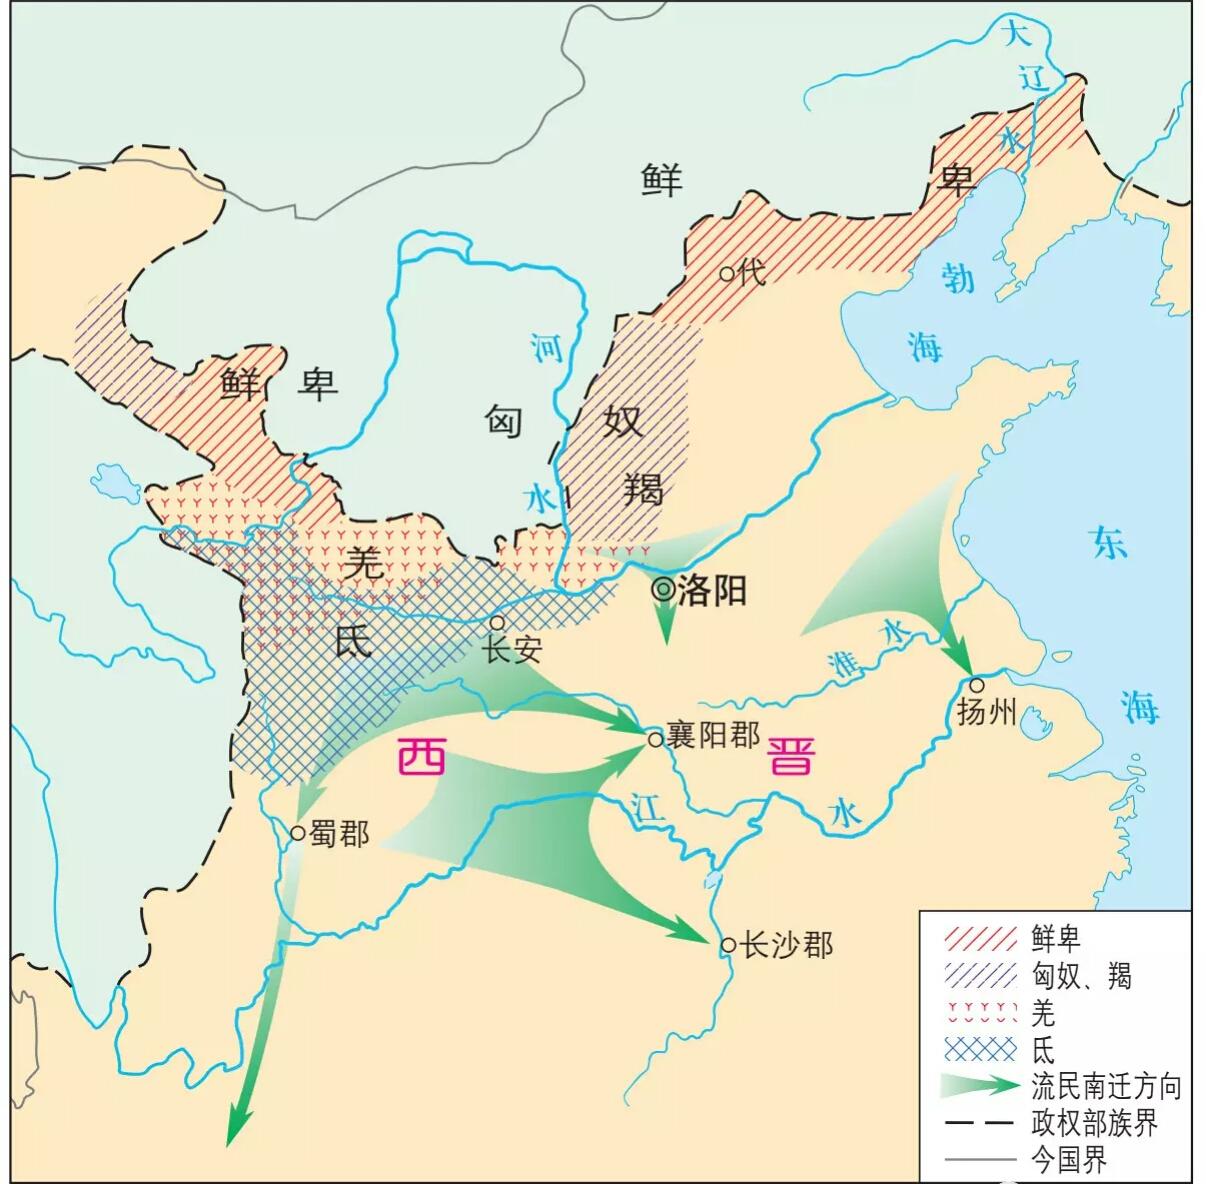 十六国时期,如此多的汉族南迁,东晋是如何安置他们的?